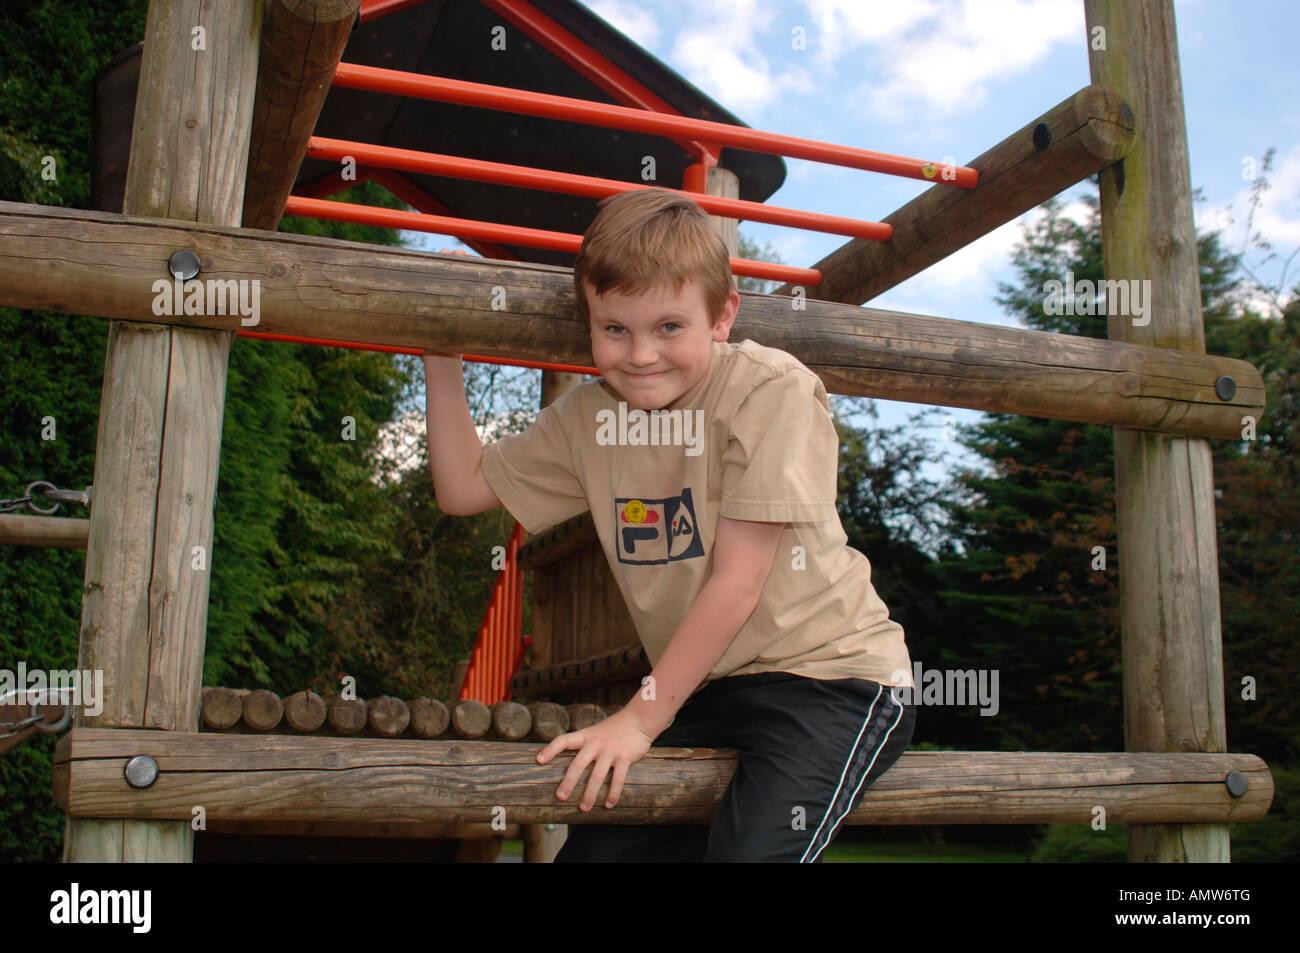 Kletterdreieck Ab Welchem Alter : Ein jahre alter junge sitzt auf einem holzbalken ist teil